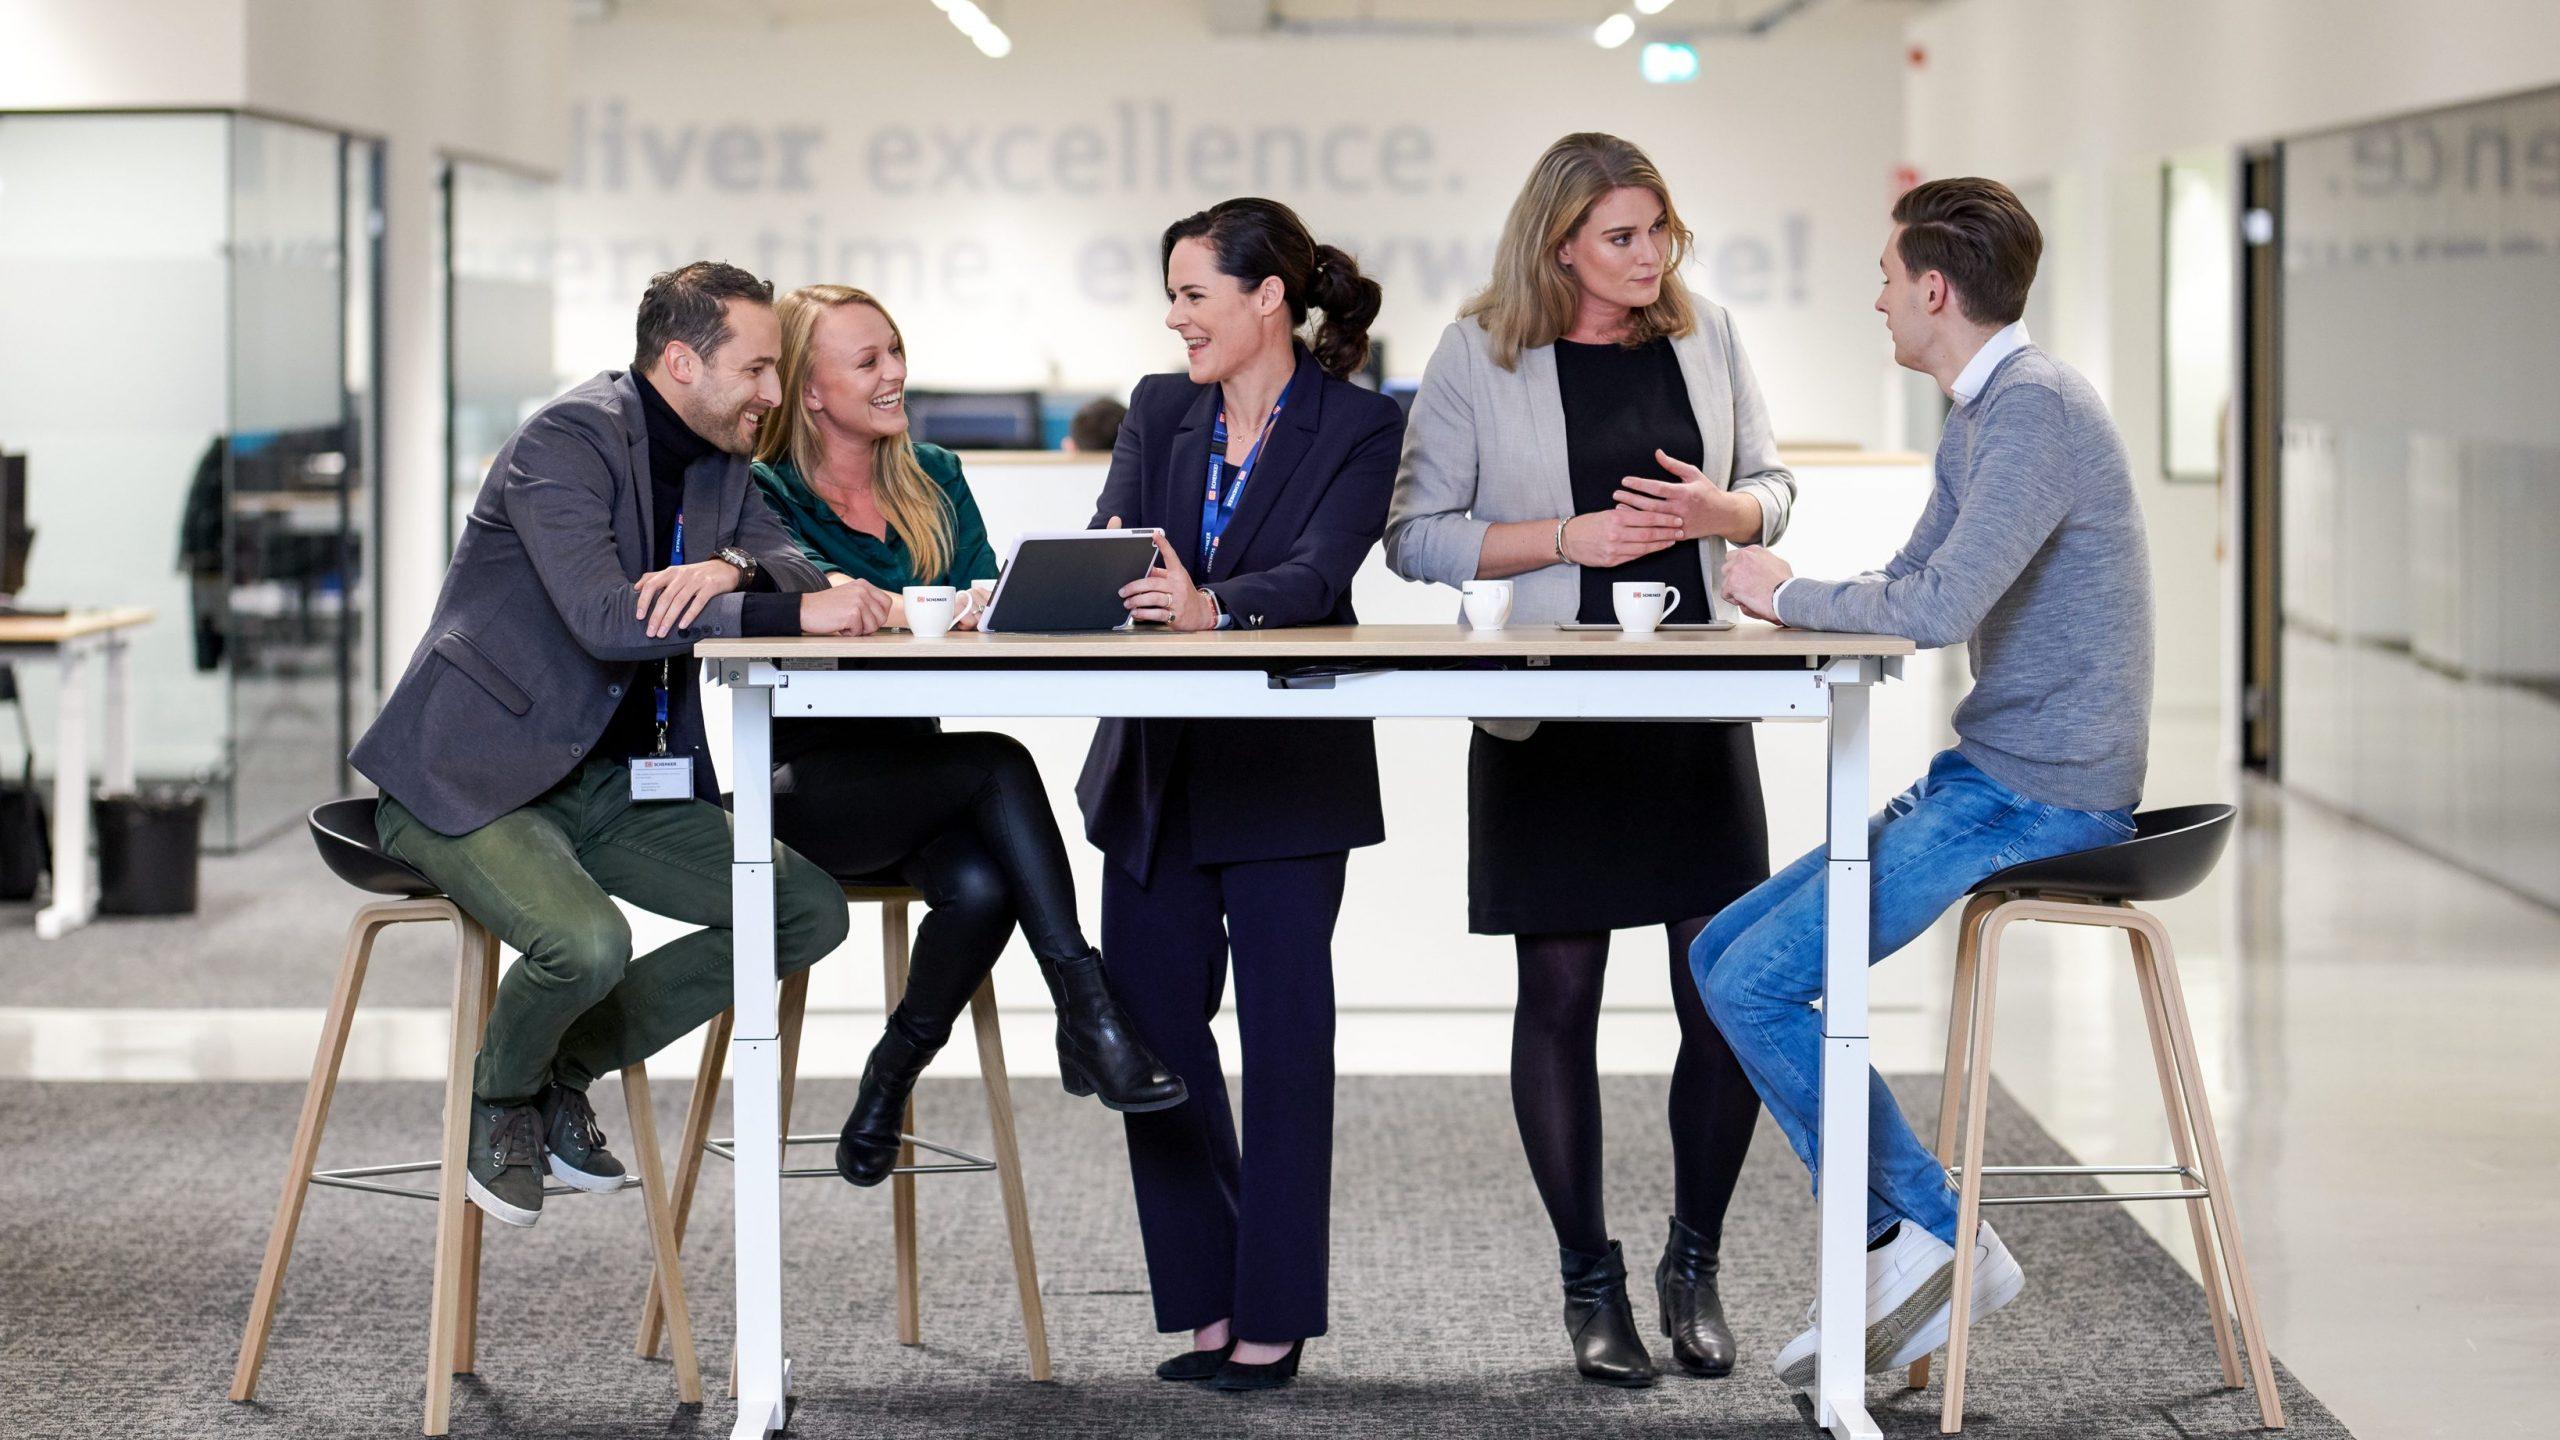 DB Schenker on kansainvälinen työpaikka. Henkilökuntaa keskustelemassa pöydän ääressä.